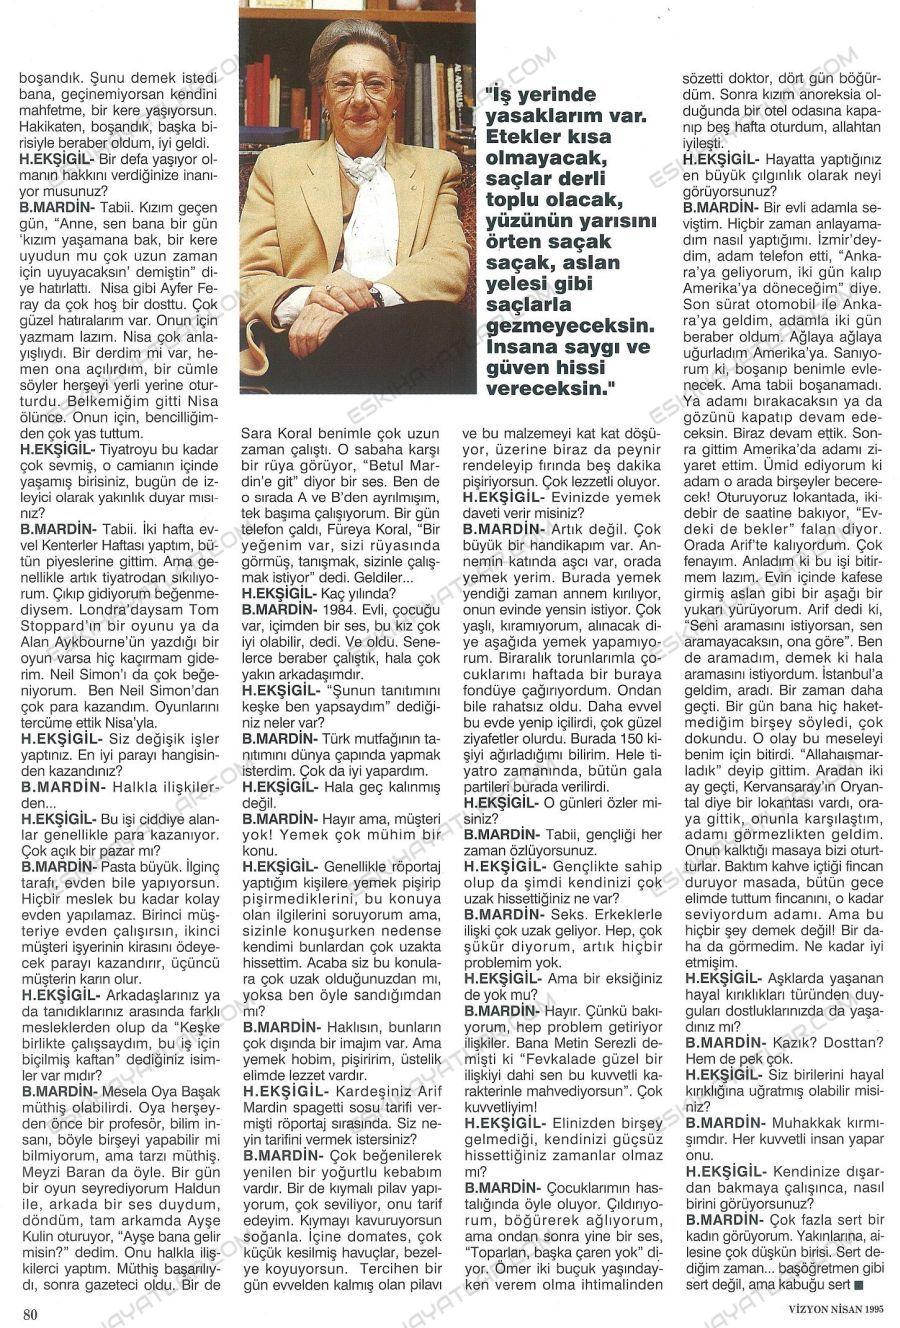 0695-betul-mardin-haberleri-betul-mardin-konusmalari-1995-vizyon-dergisi-mardin-ailesi-bireyleri (4)